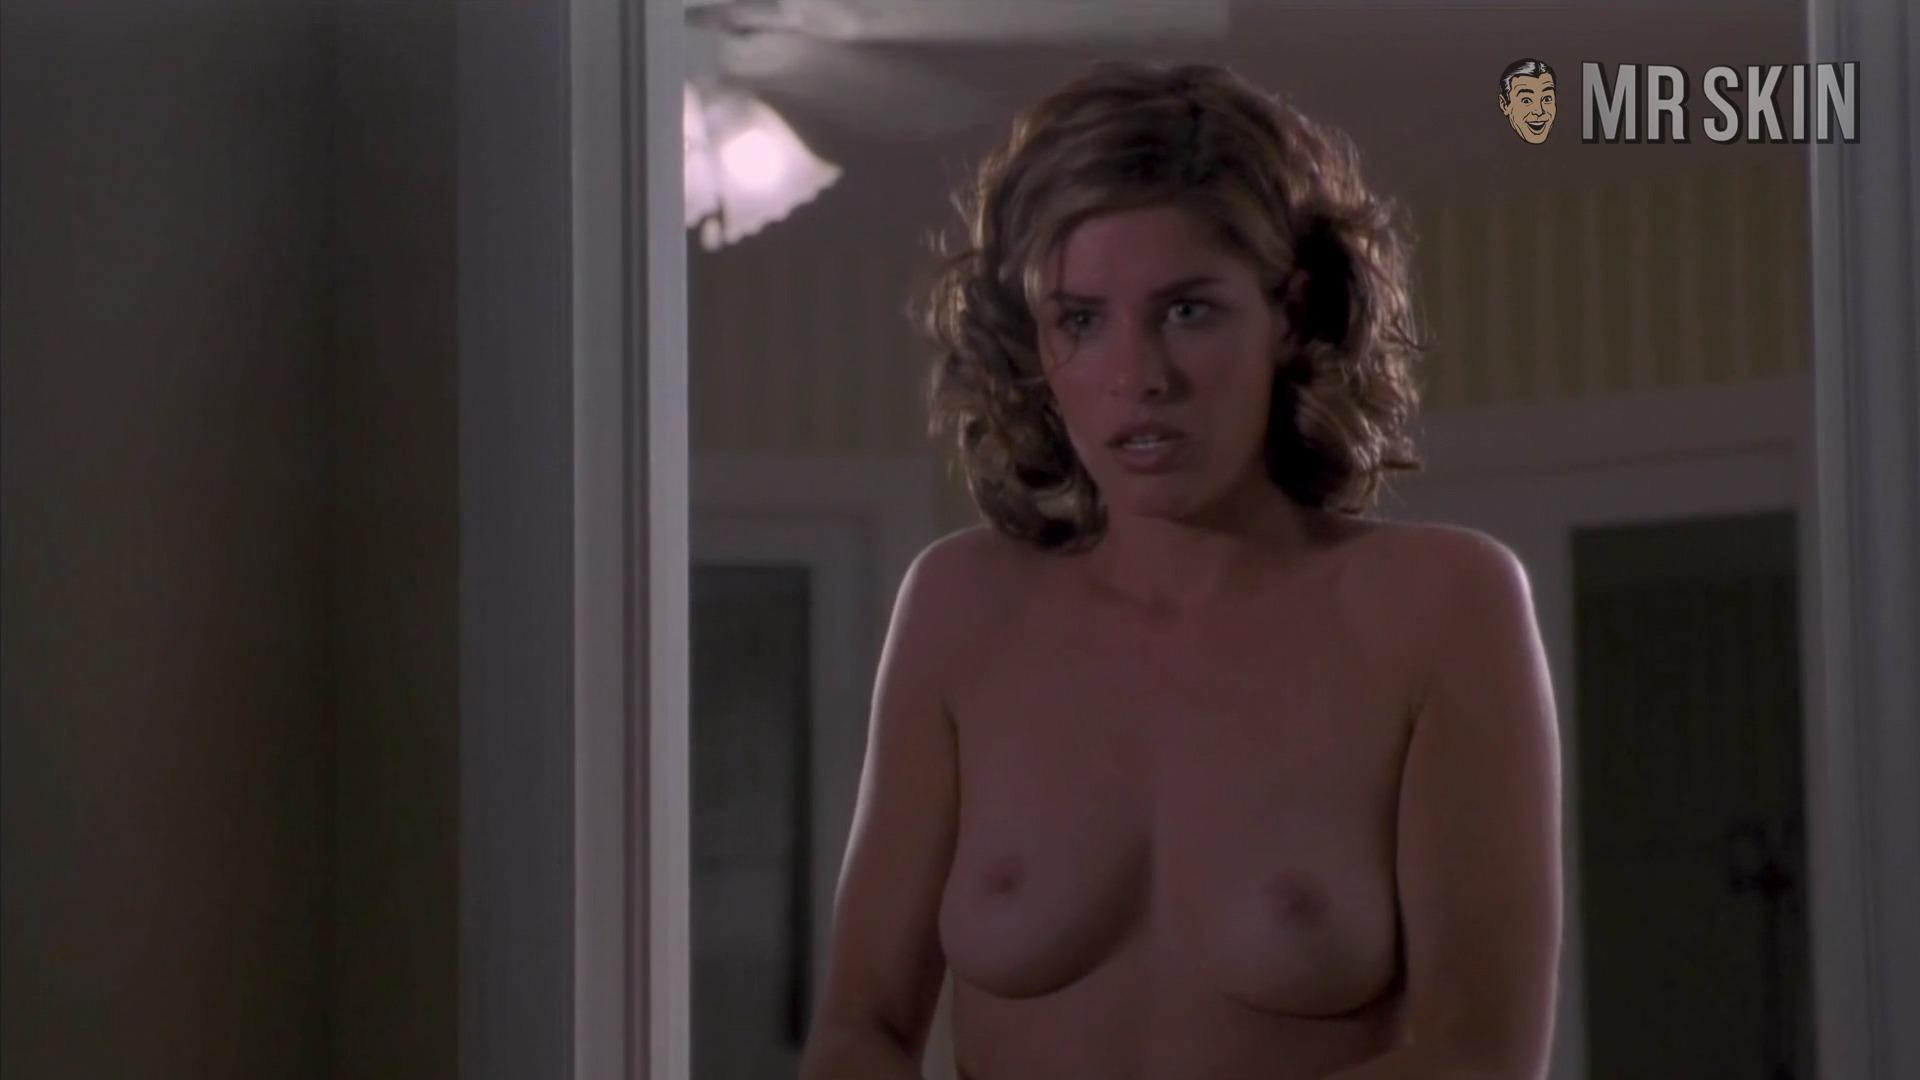 Breast concealers for transgendered